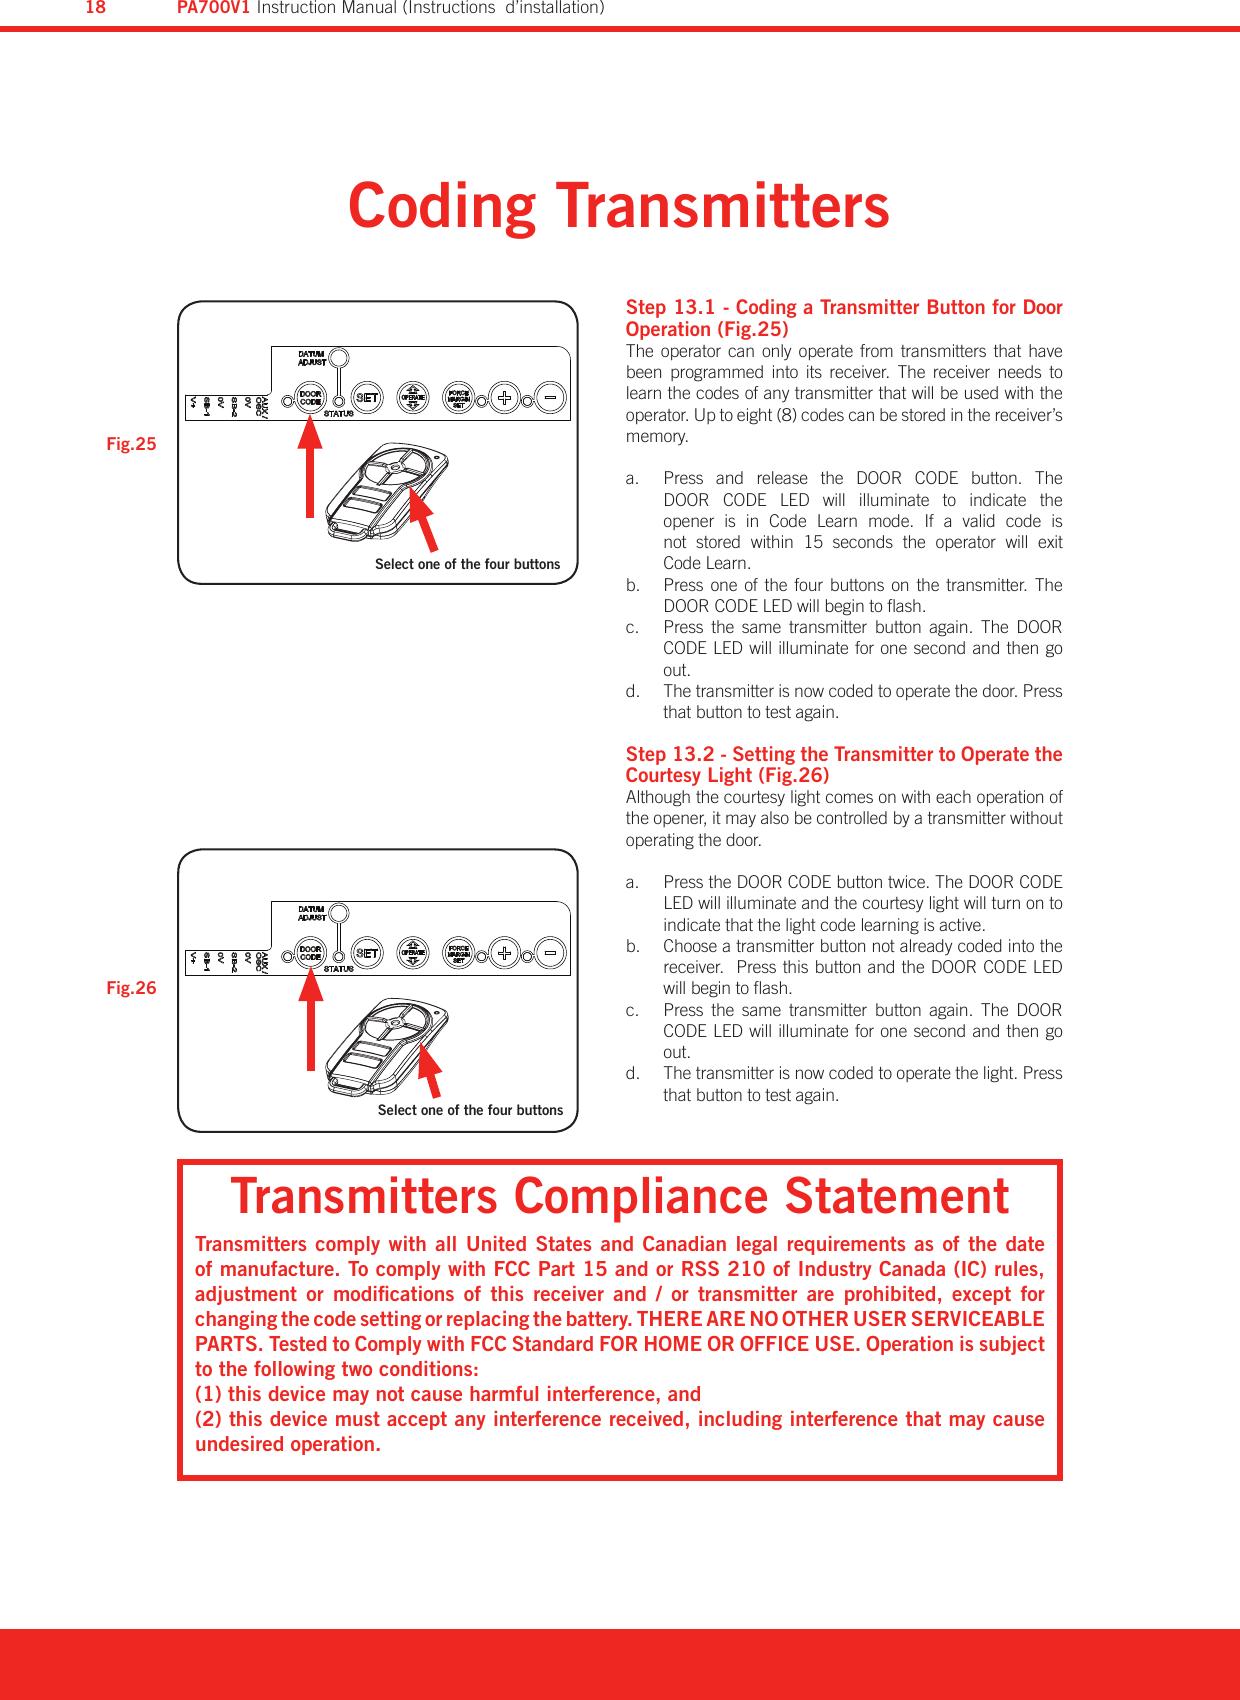 ptx 5v1 coding instructions